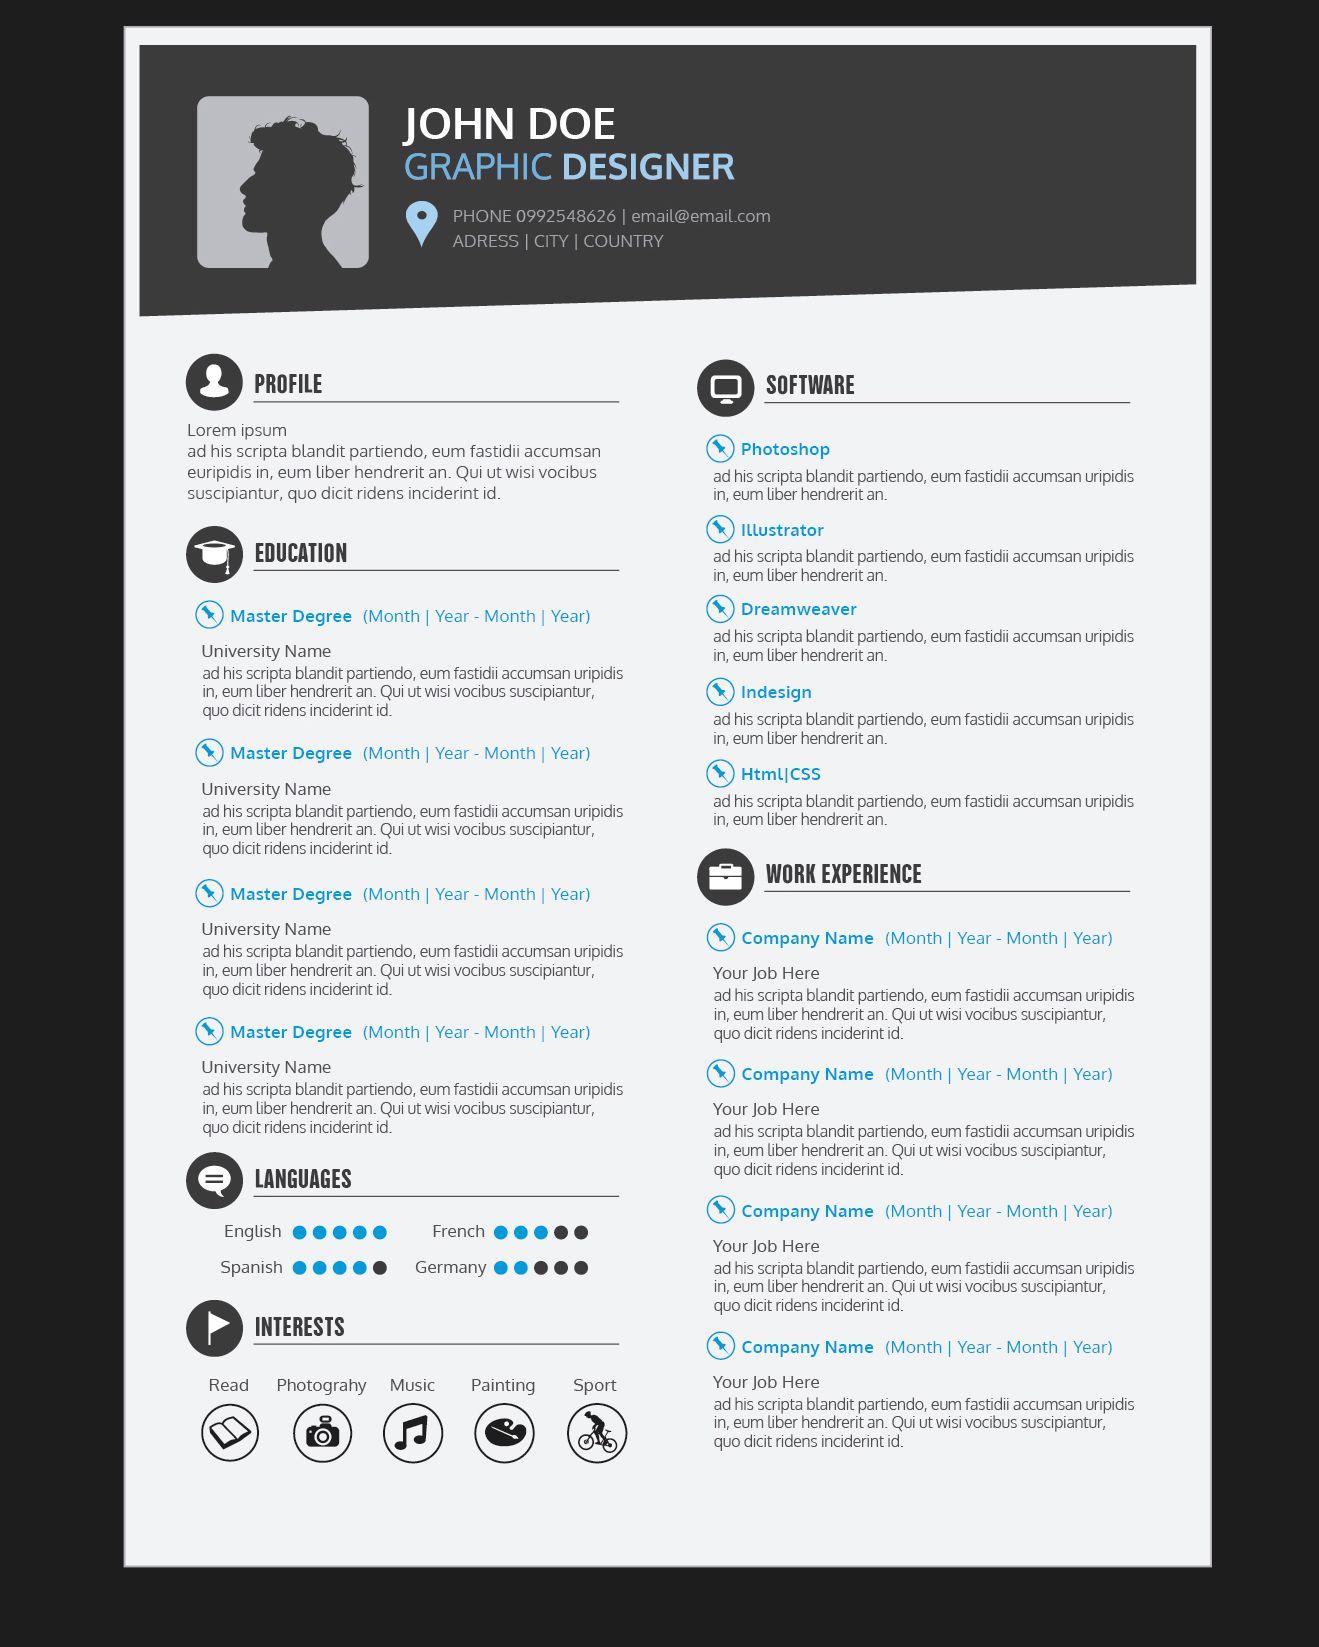 Curriculum vitae sample graphic designer altavistaventures Image collections